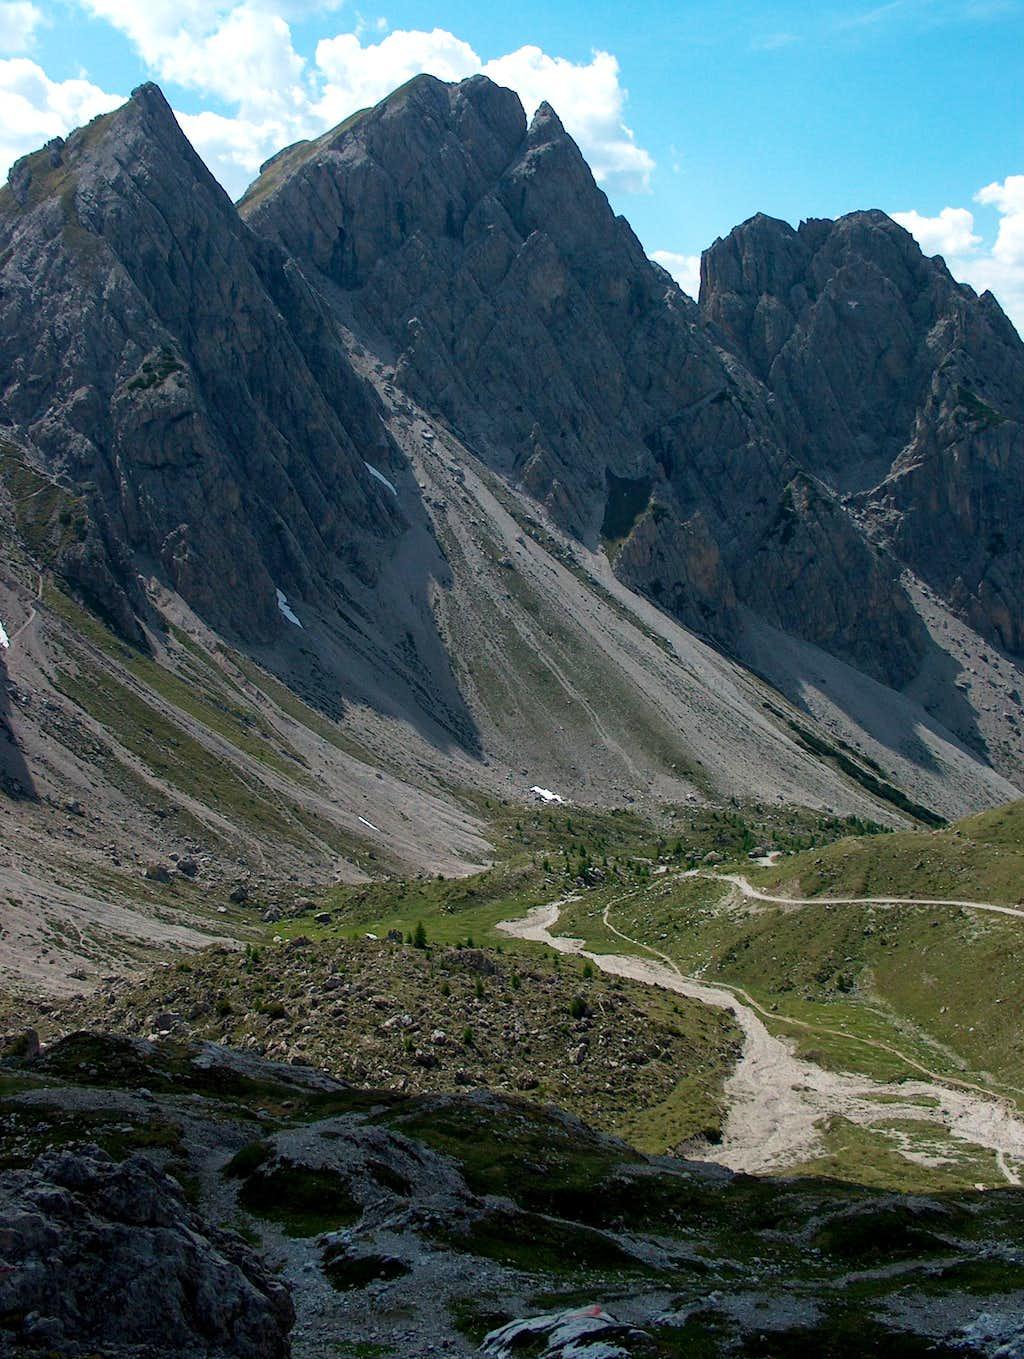 Lienzer Dolomites